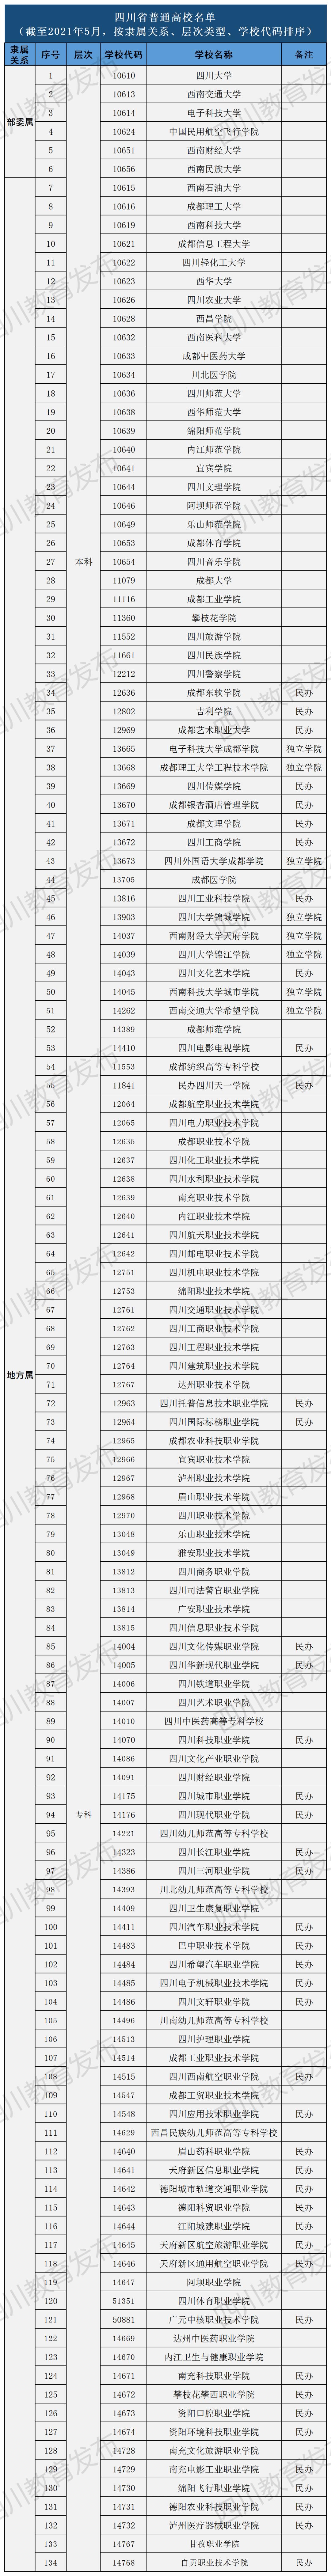 四川134所正规高校名单快收好!其中2所是今年新增